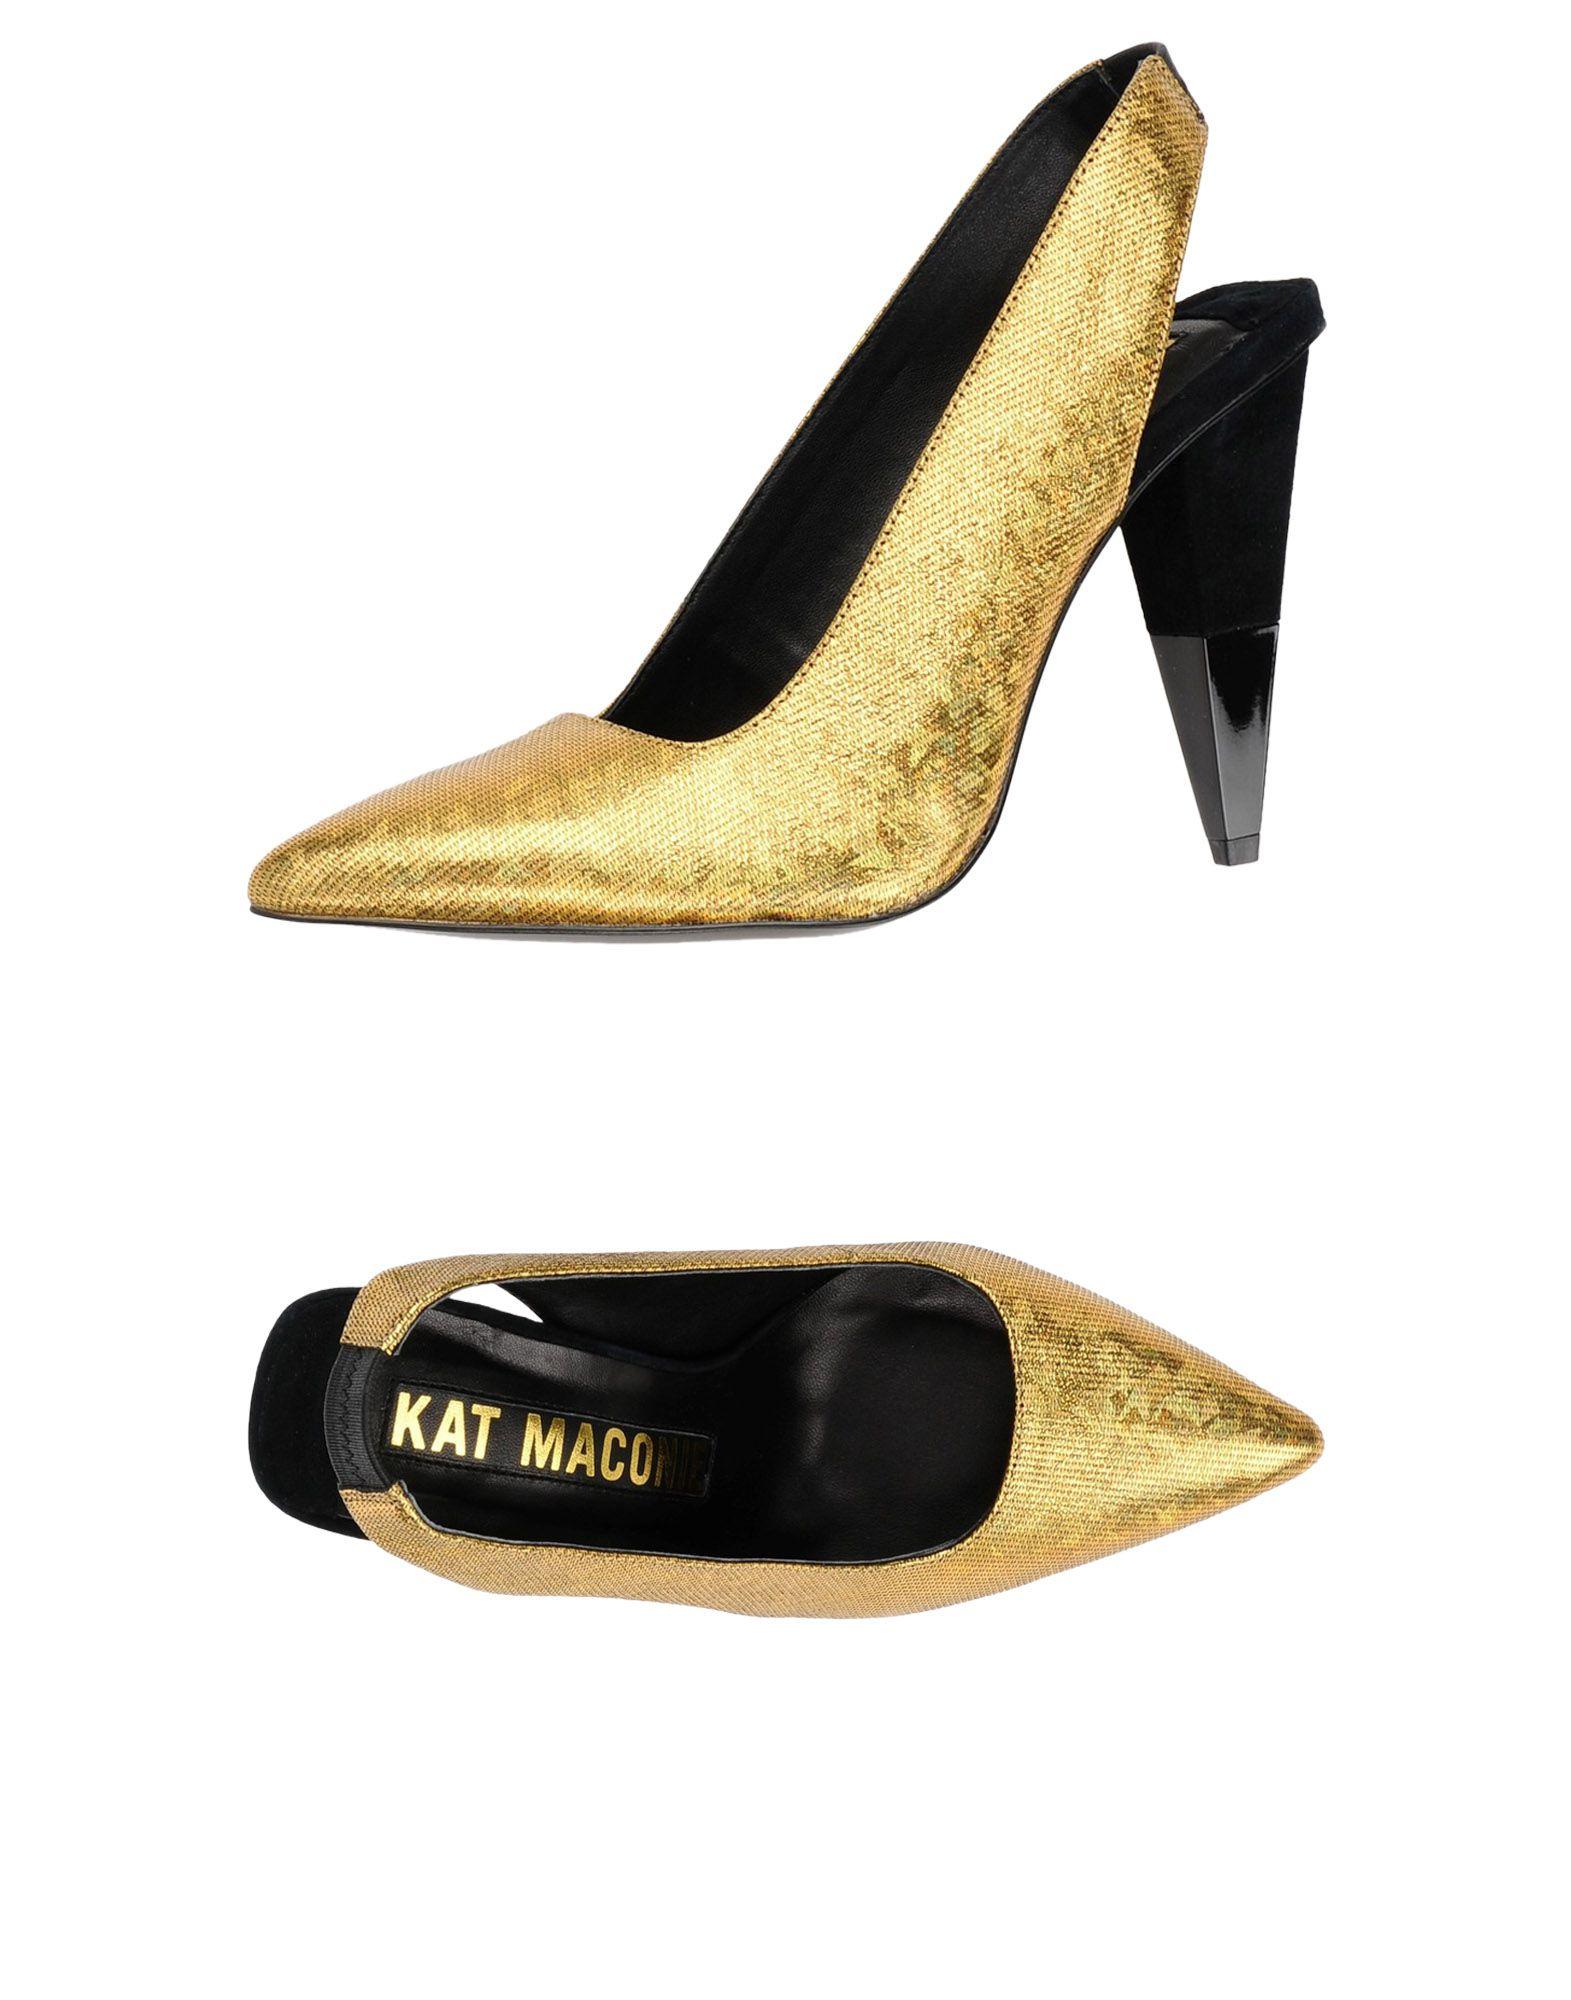 Escarpins Kat Maconie Femme - Escarpins Kat Maconie Or Dernières chaussures discount pour hommes et femmes